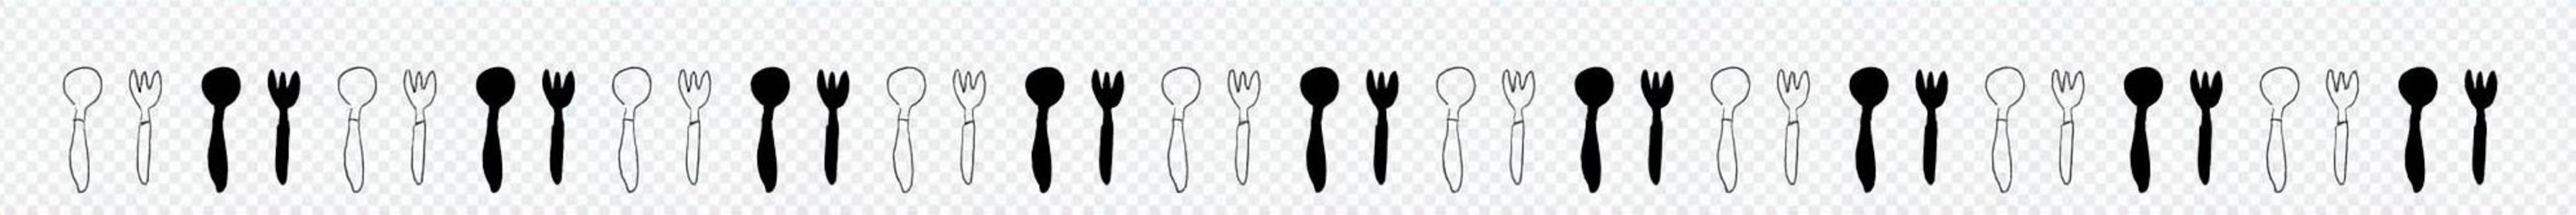 Knife fork line